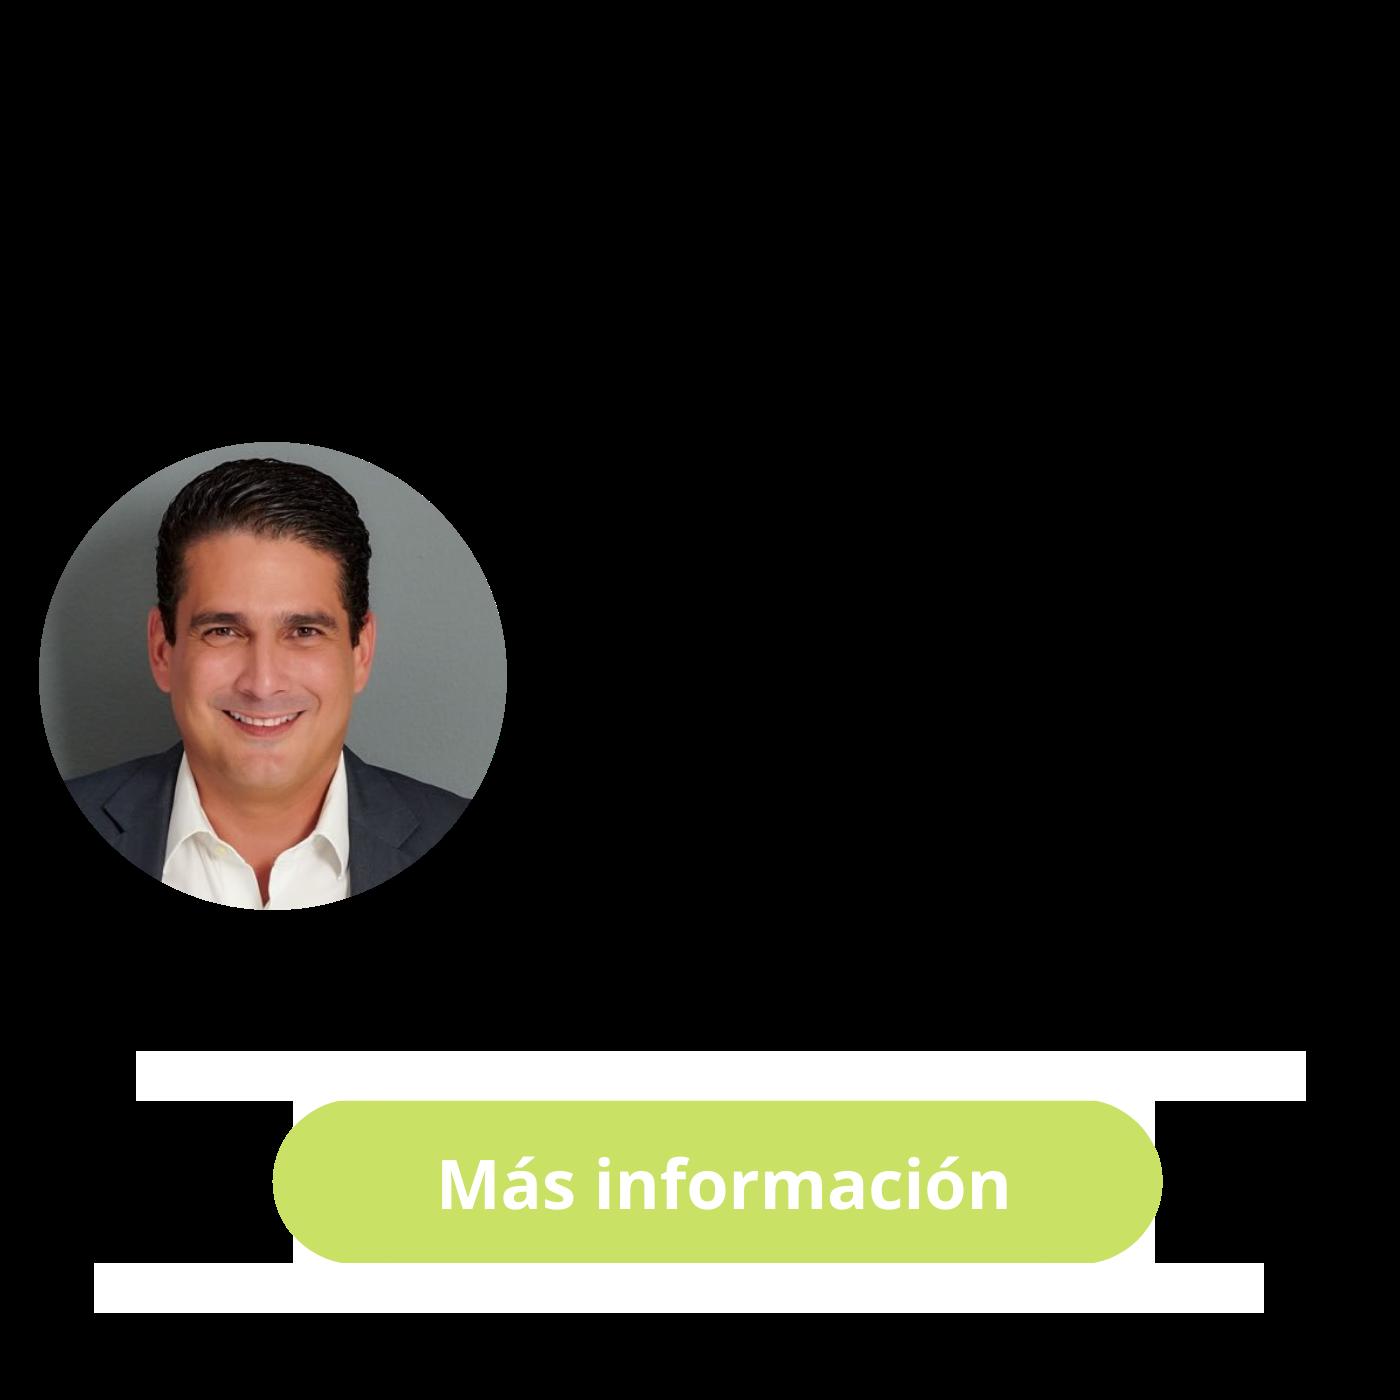 Los Negocios Y El Control De Los Mercados En Santa Tecla. Newsletter. Infografía. Roberto d'Aubuisson. 2020